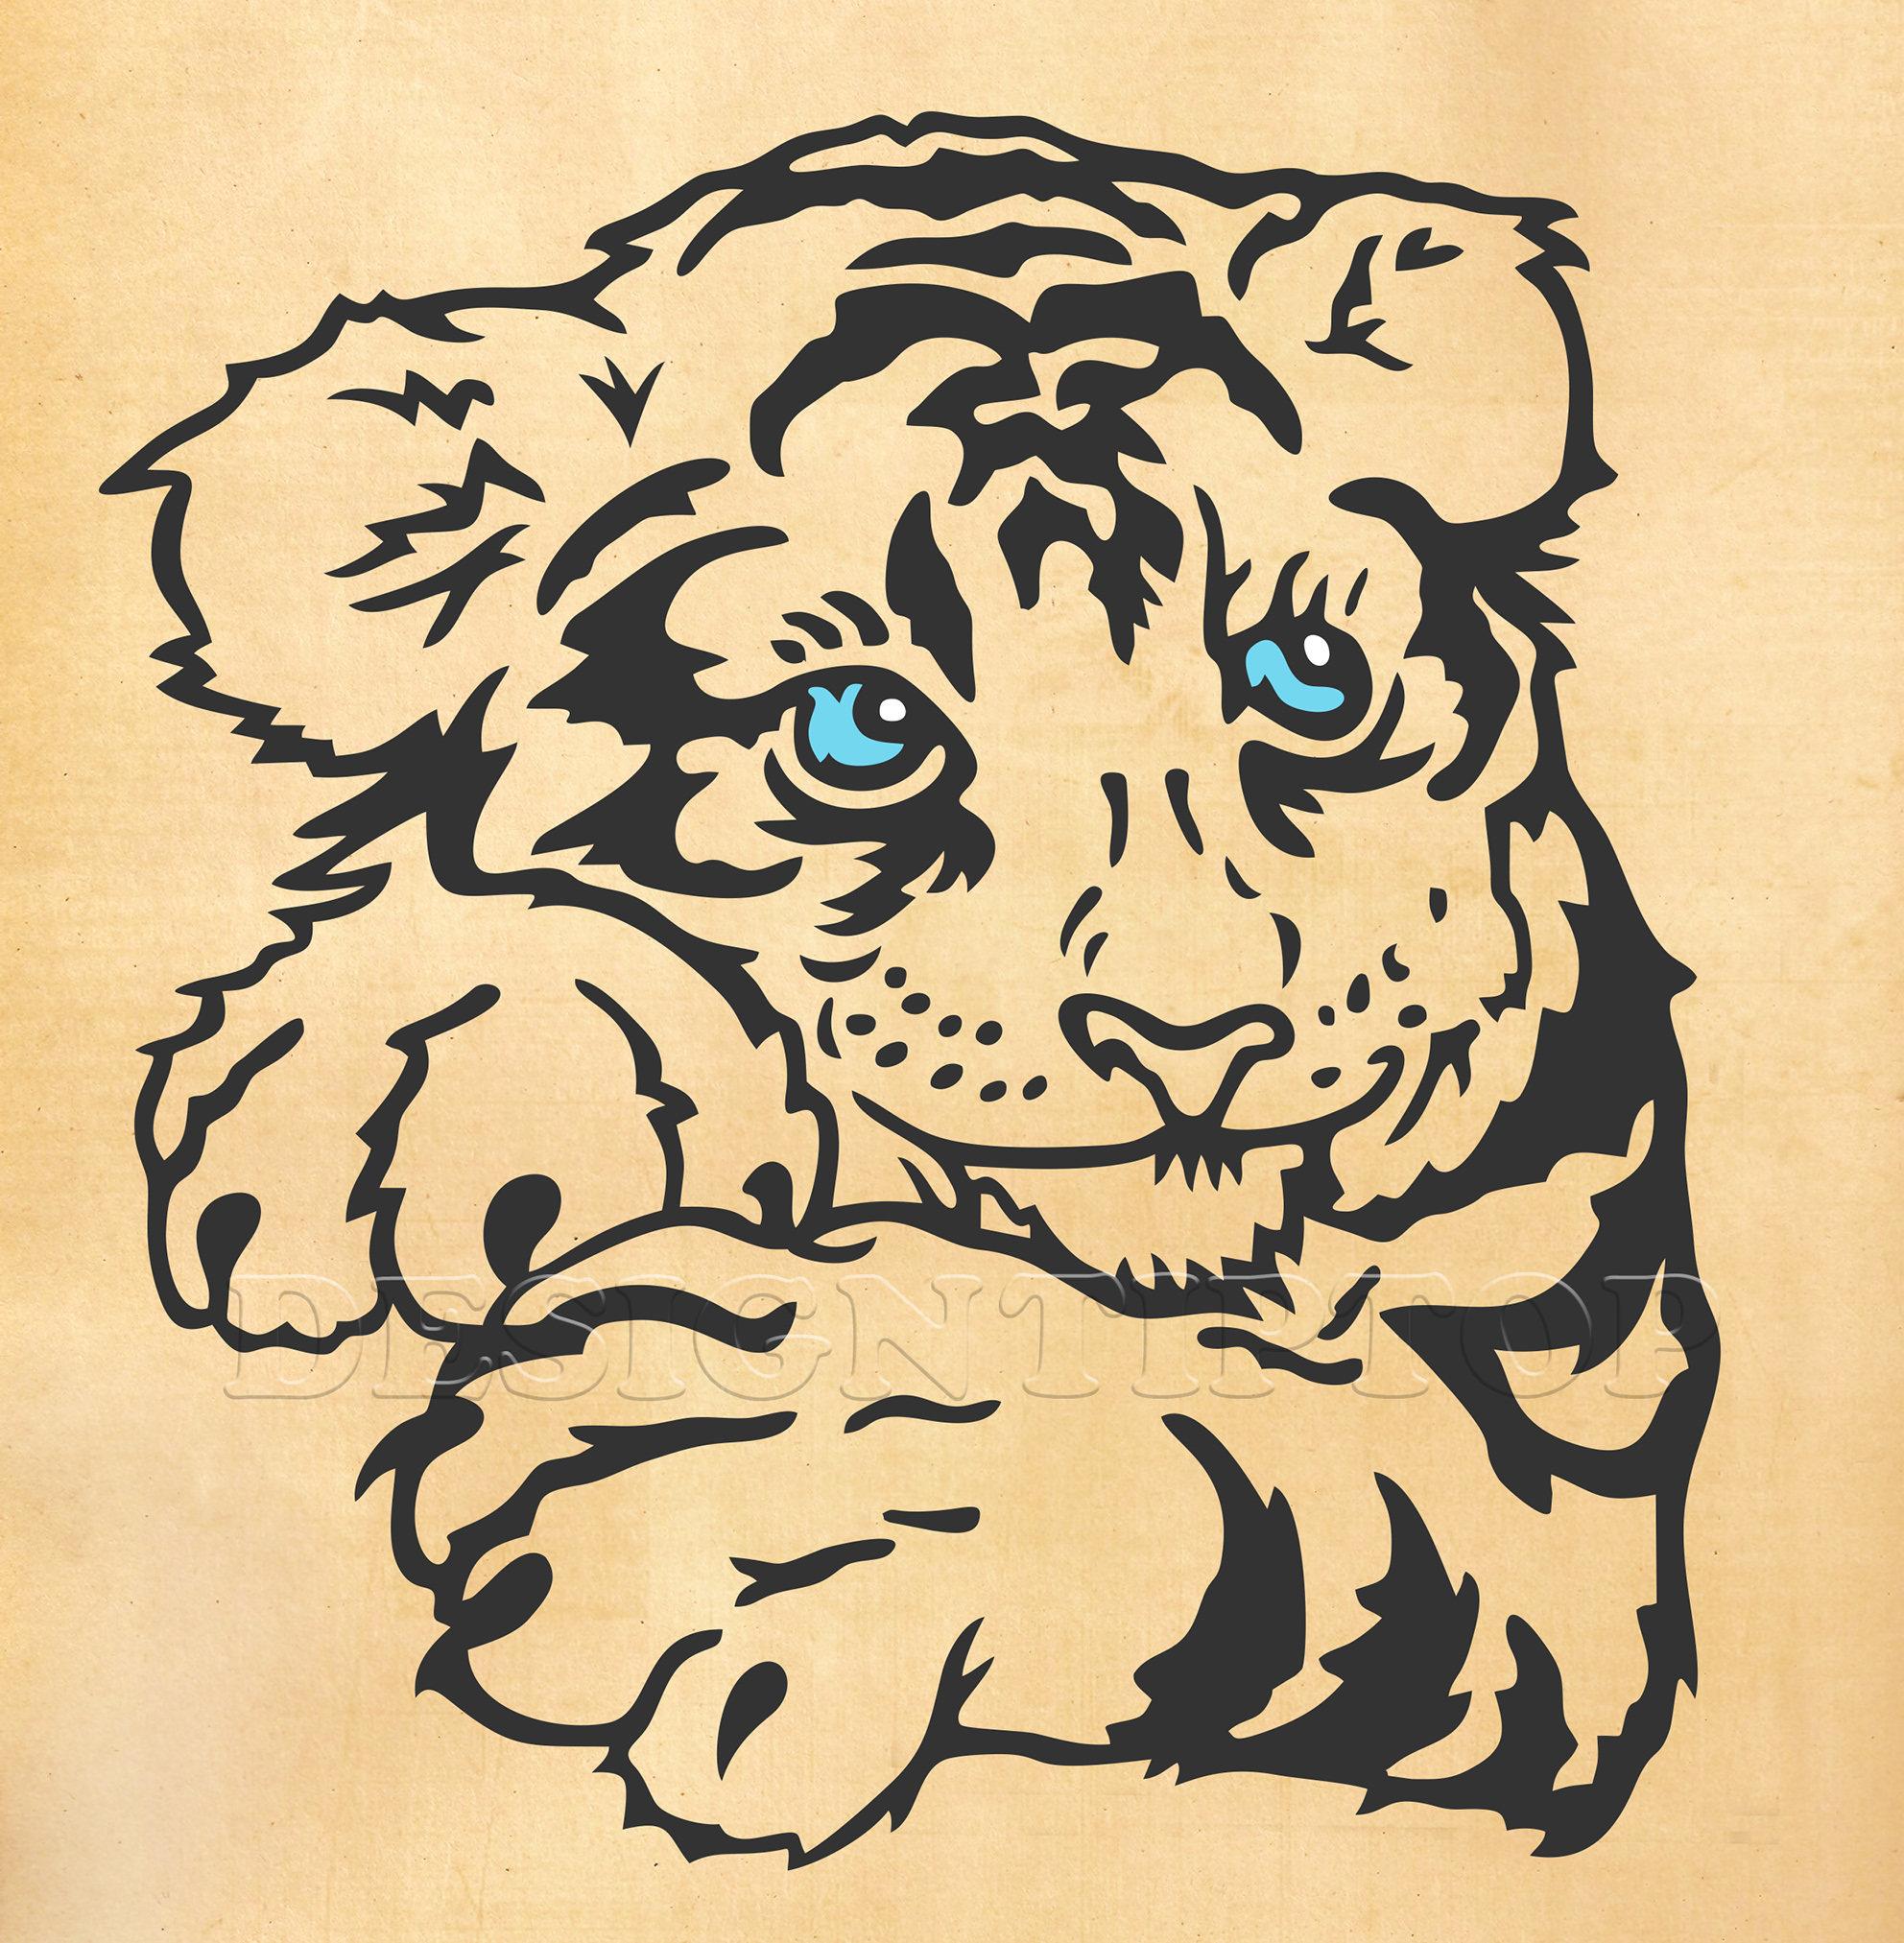 Tygrys Cub Tygrys Cub Koszula Tiger Svg Tygrys Cięcia Plik Tatuaż Tygrys Tygrys Haftu Sztuki ścianę Tygrys Tygrys Dxf Wildcats Svg